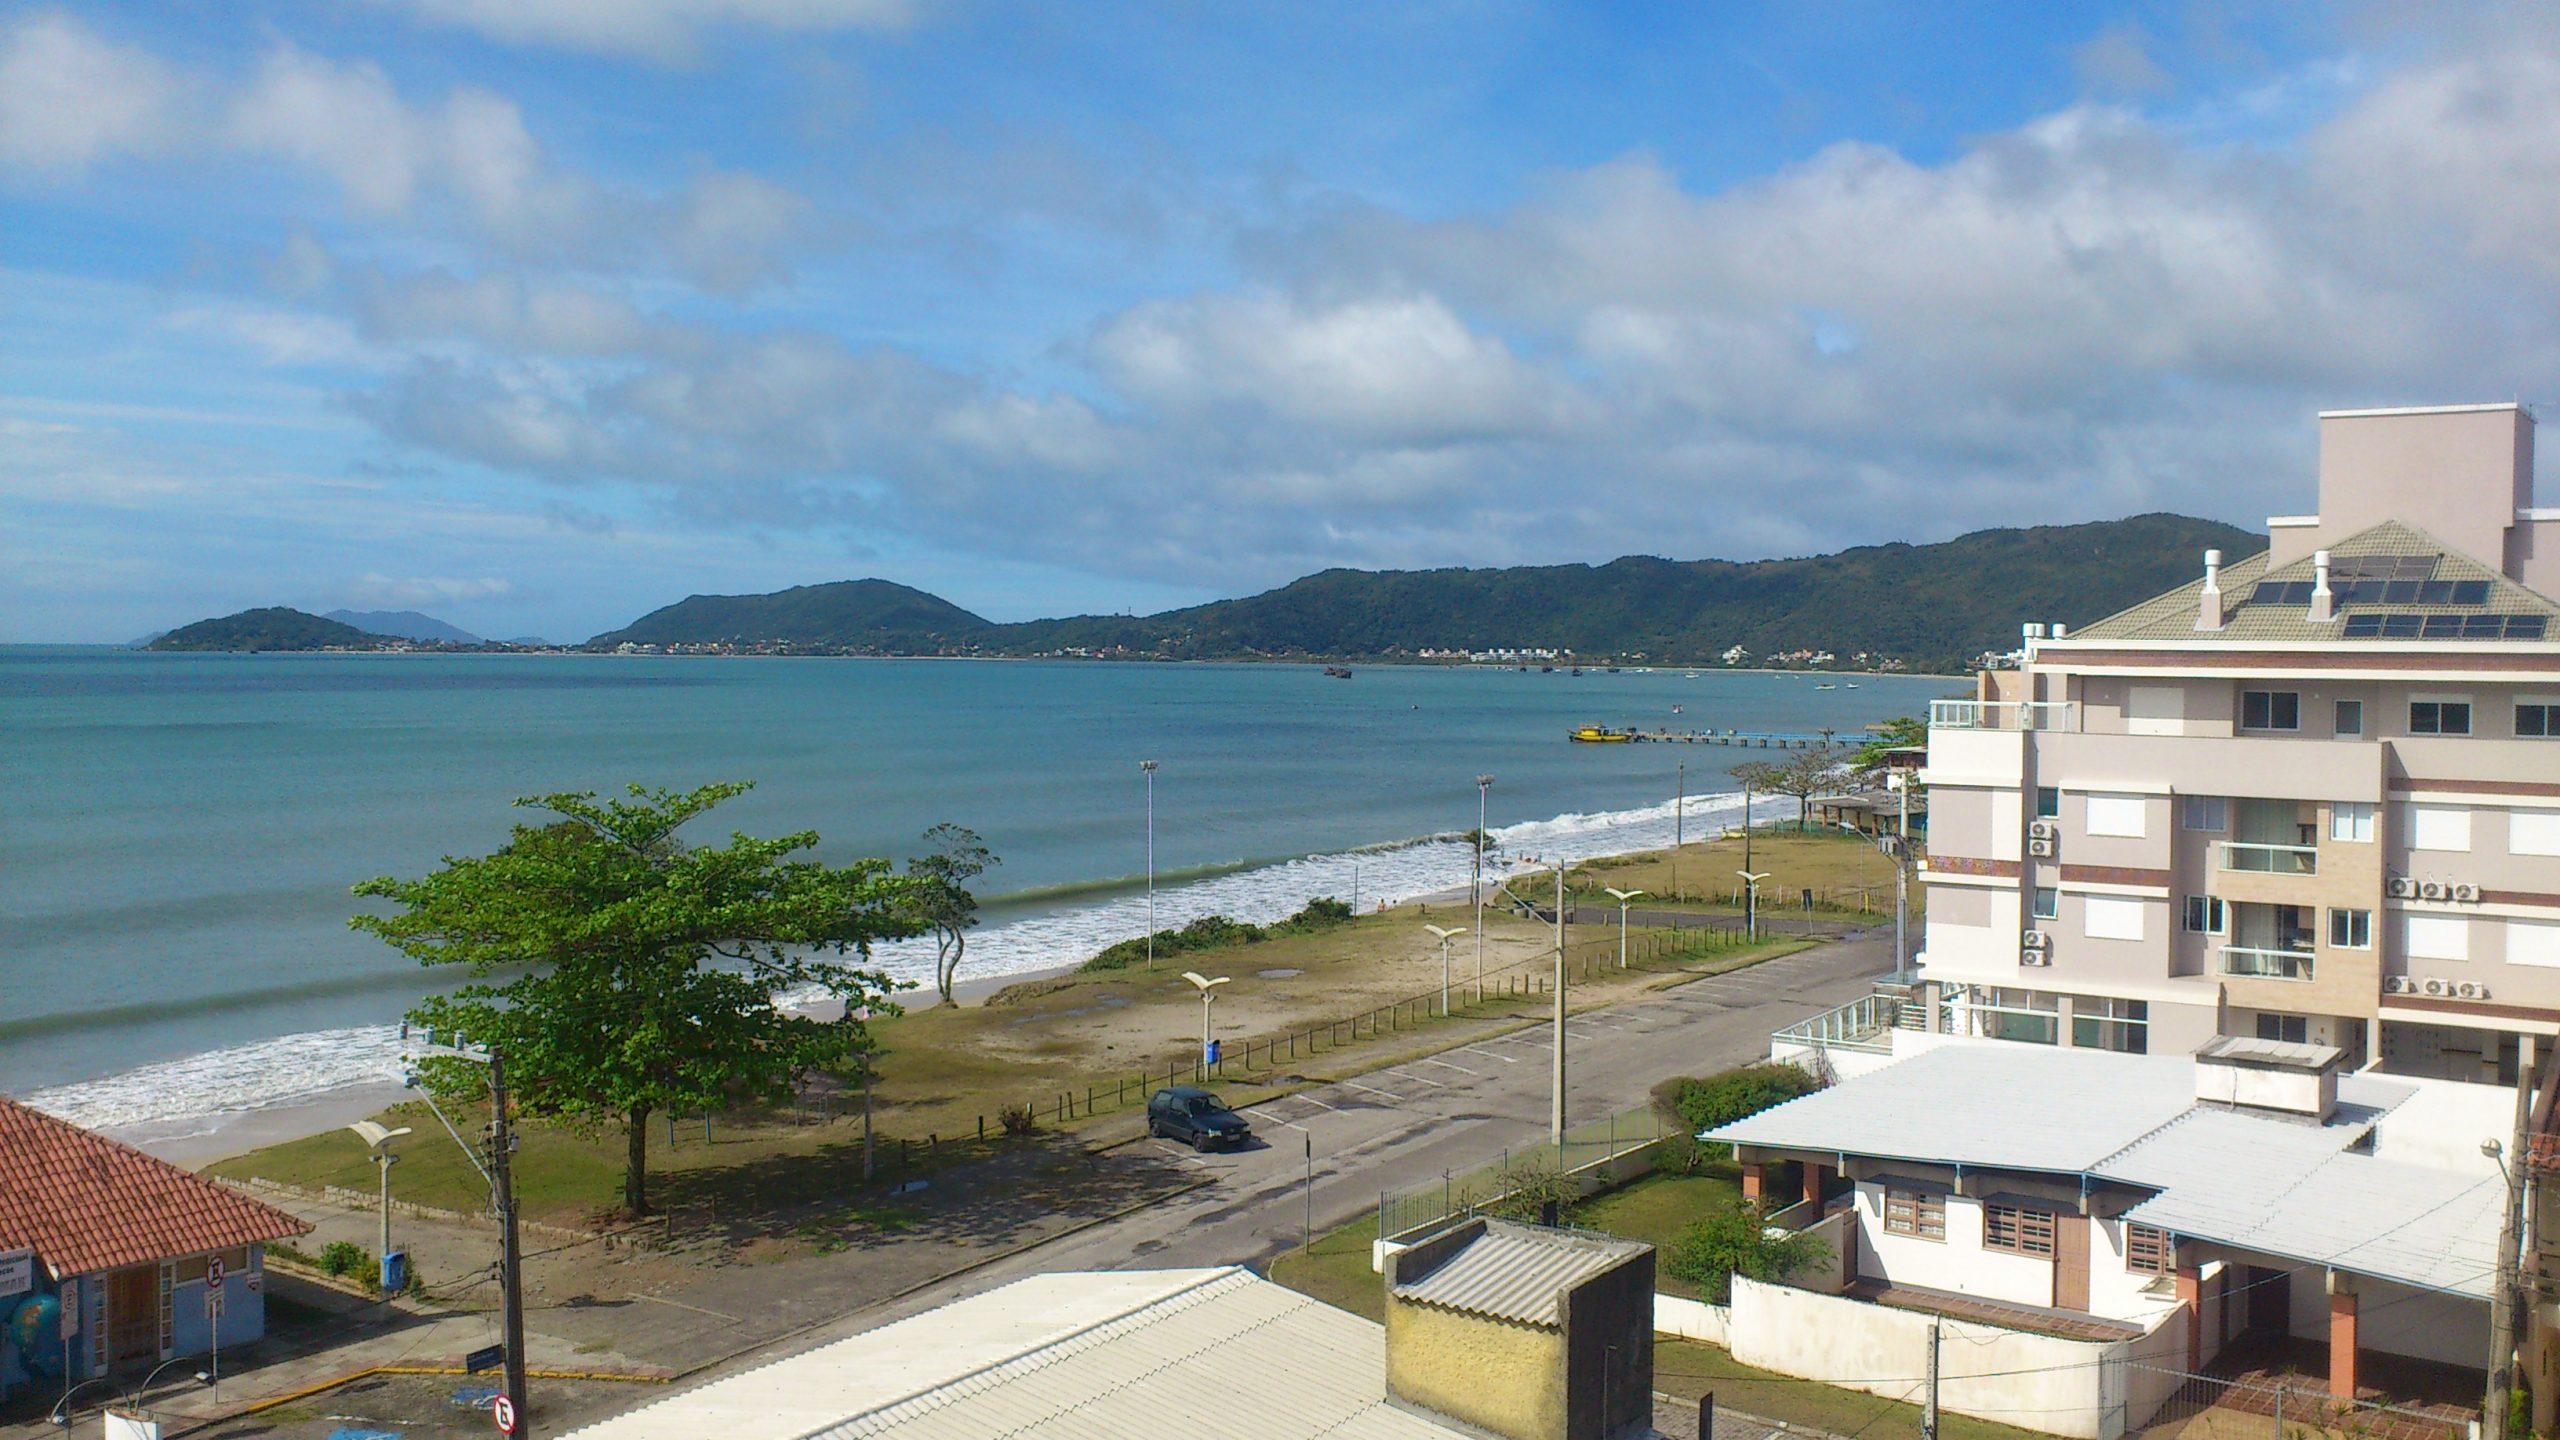 Hotel Frente Mar em Canasvieira